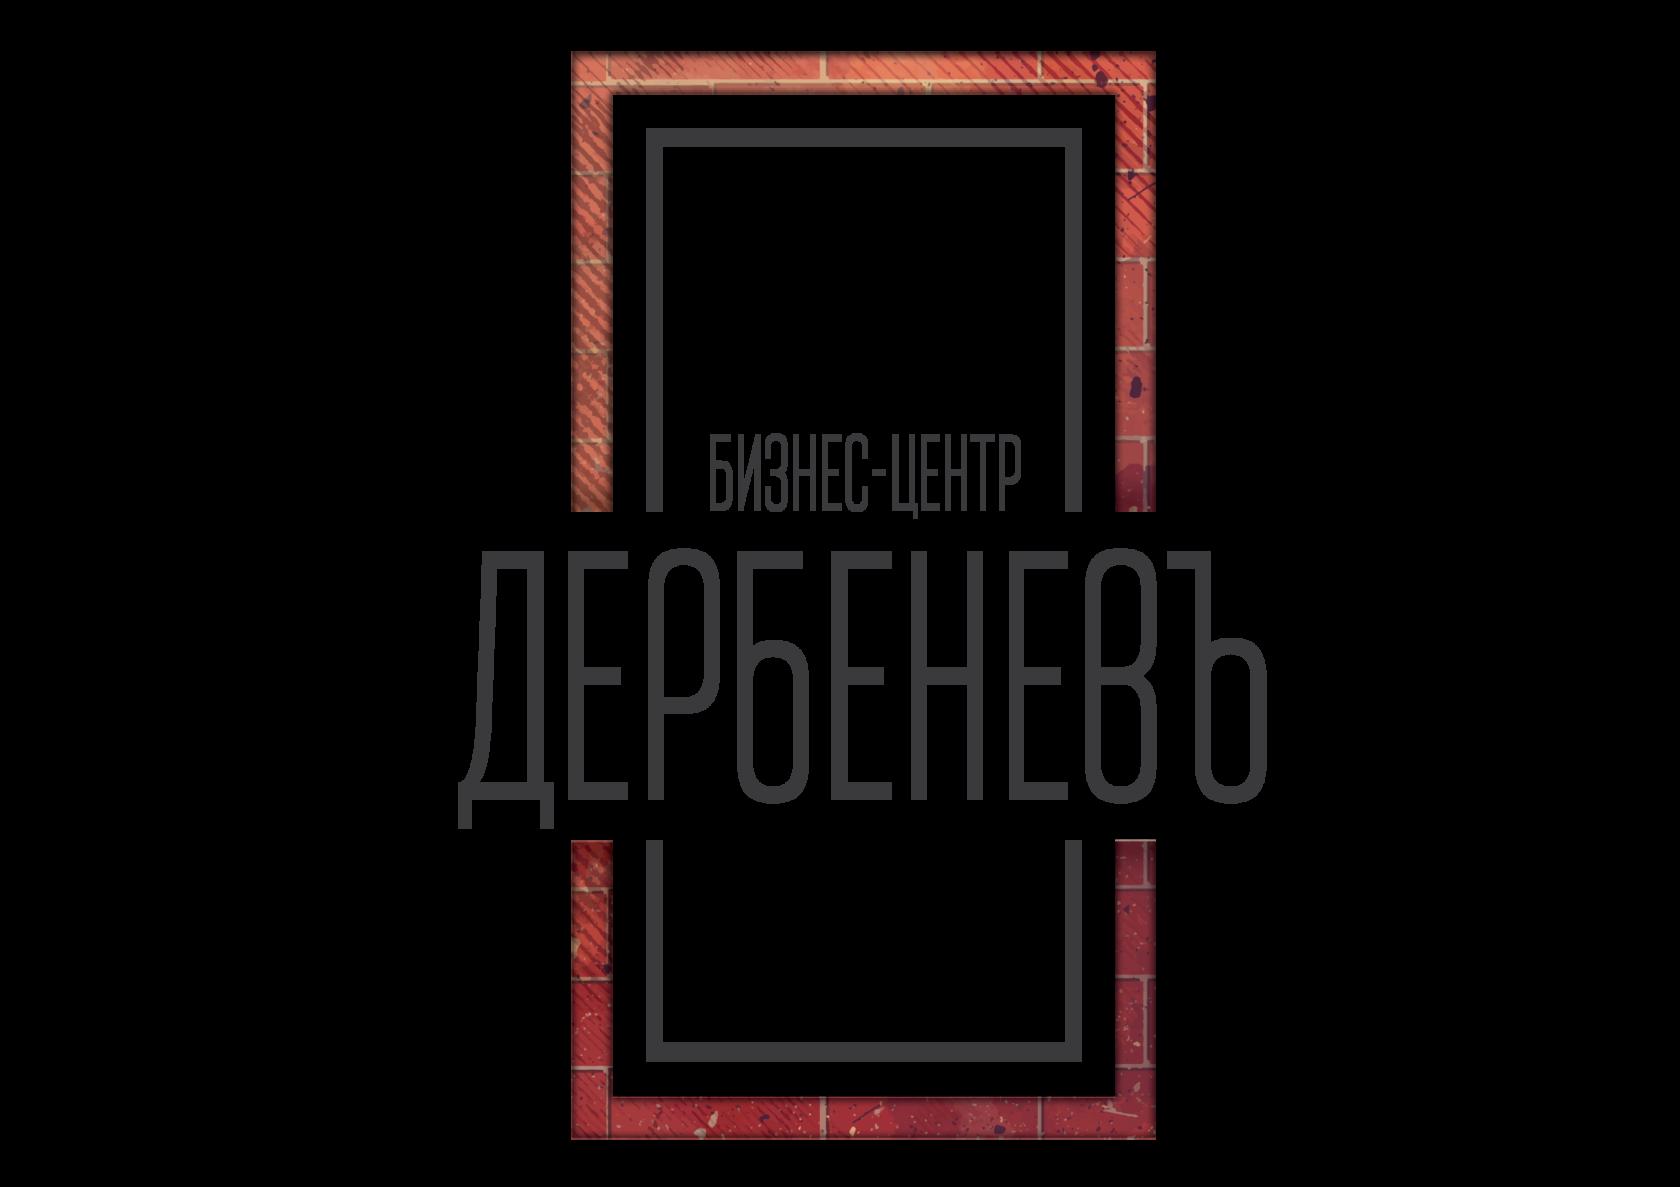 ДербенёвЪ